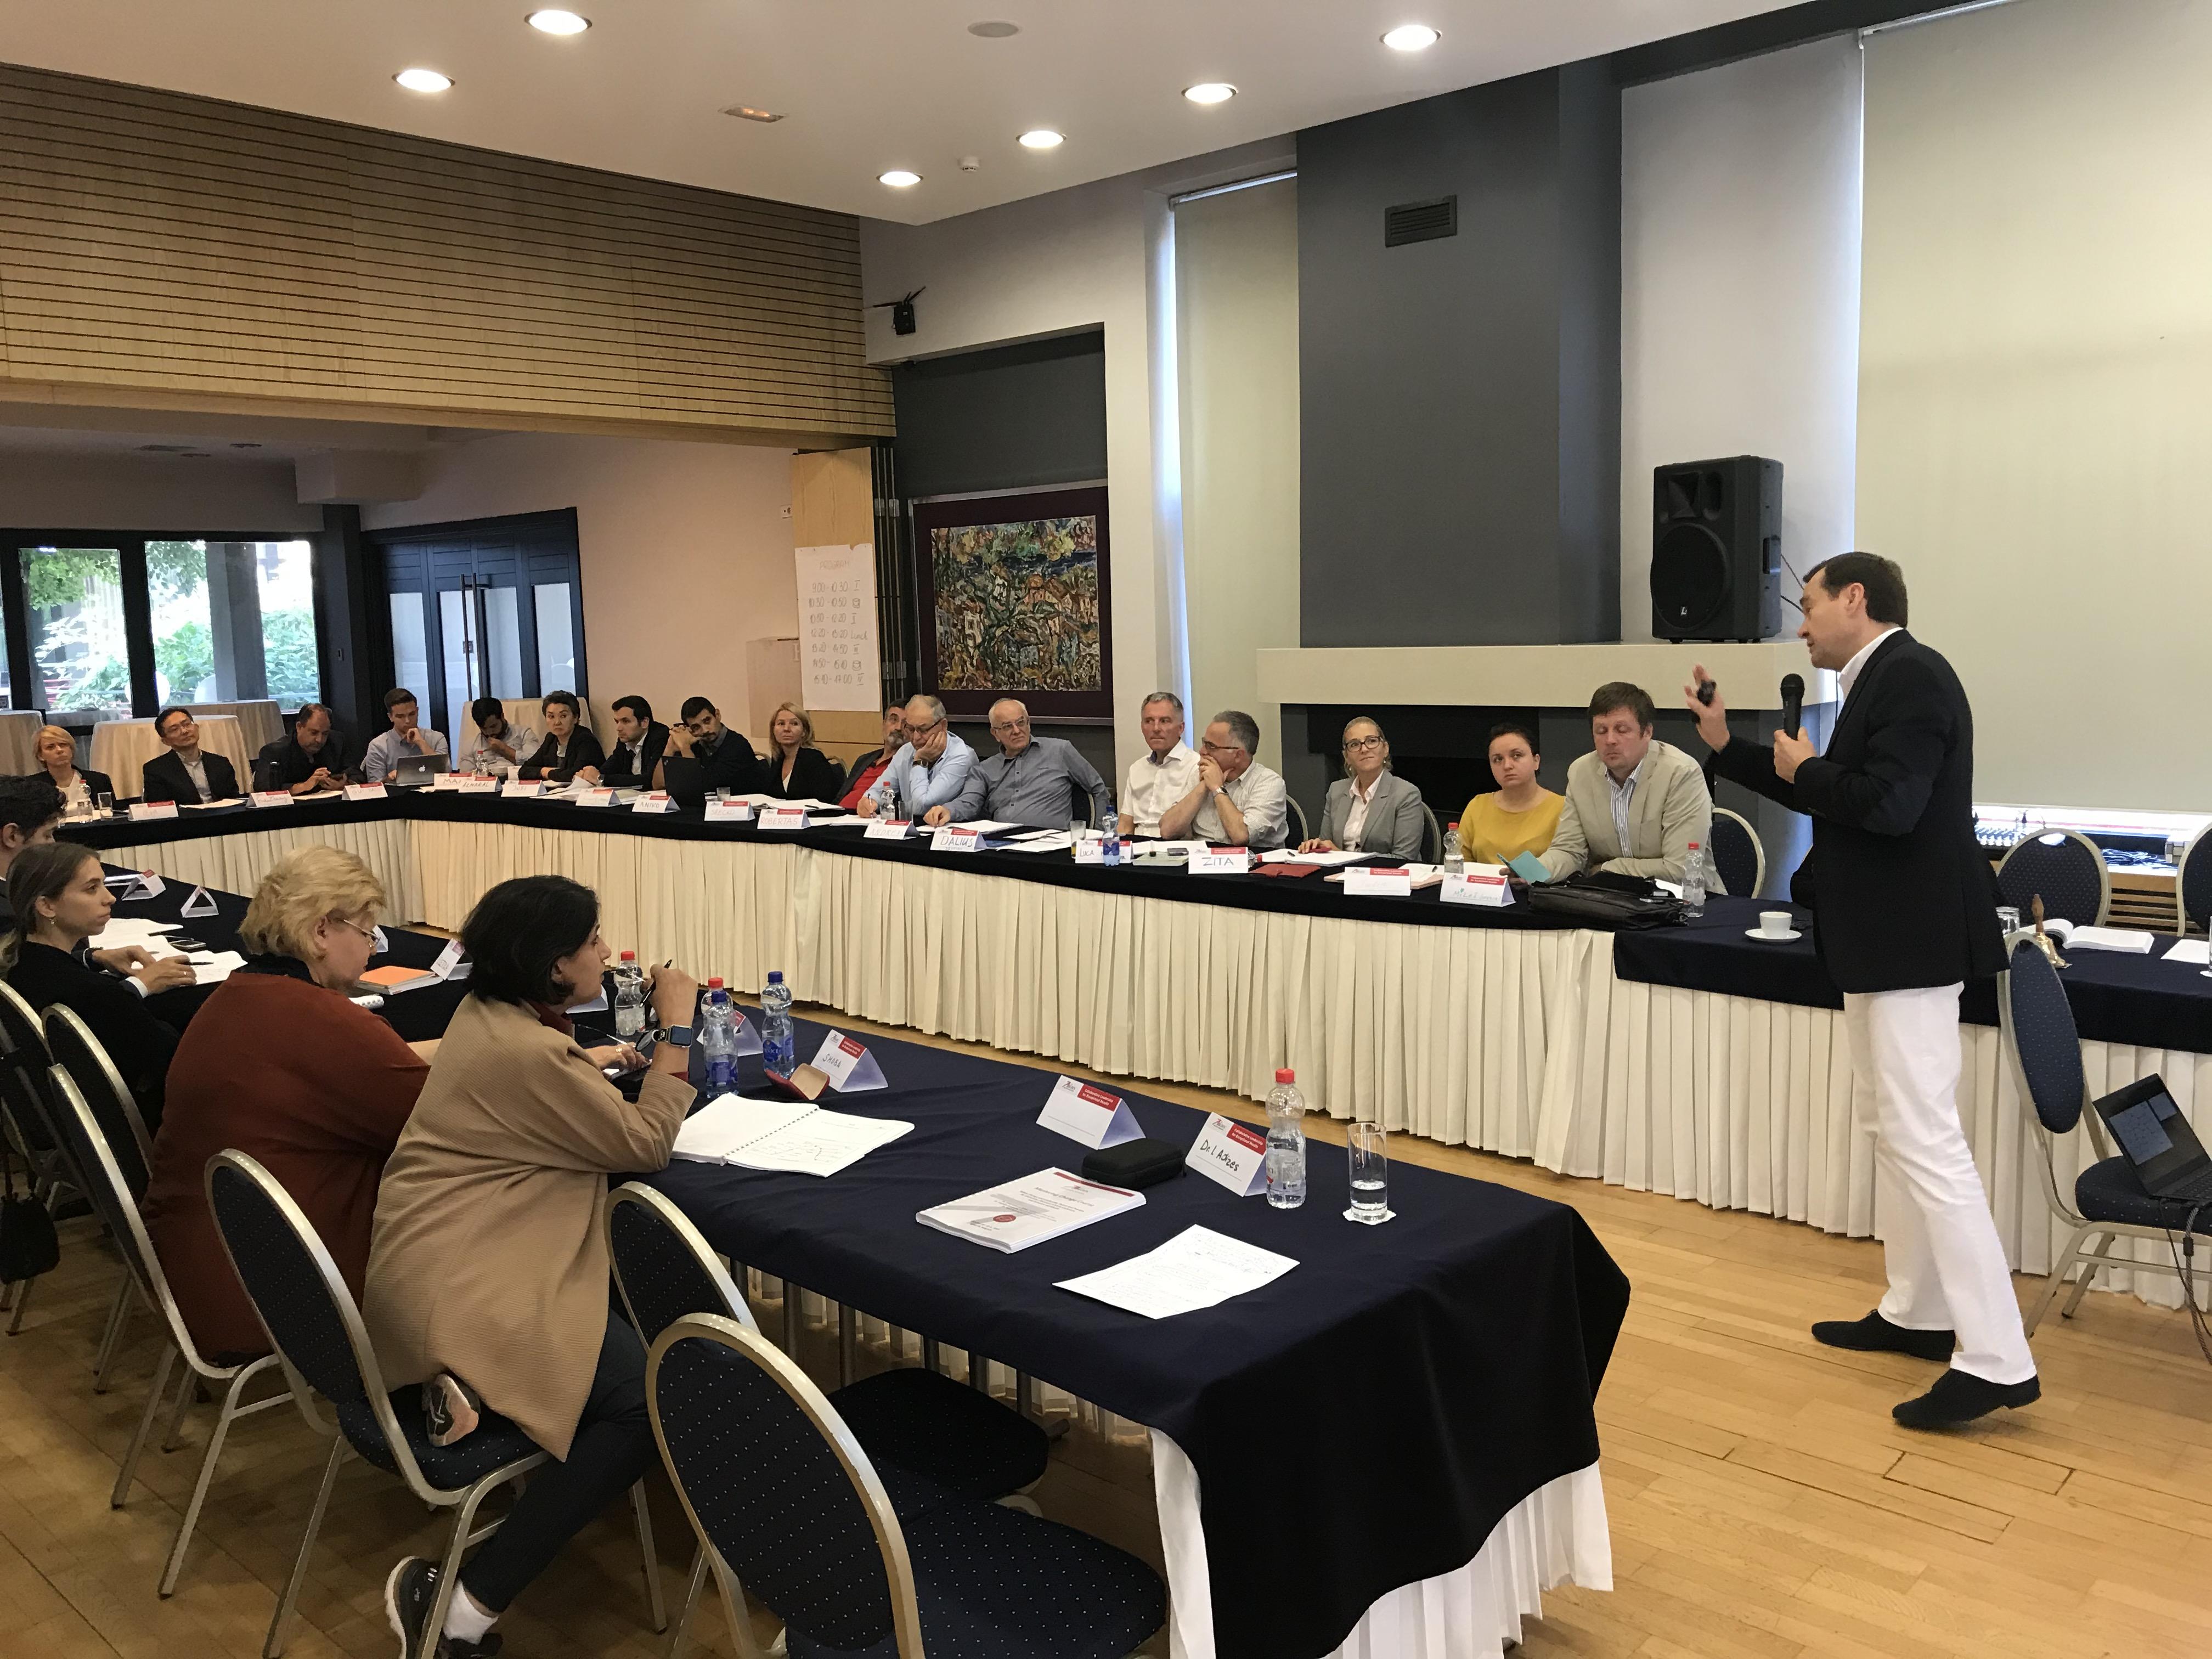 Tarptautiniai Mokymai Universitetų Profesoriams Bei Dėstytojams Iš Viso Pasaulio